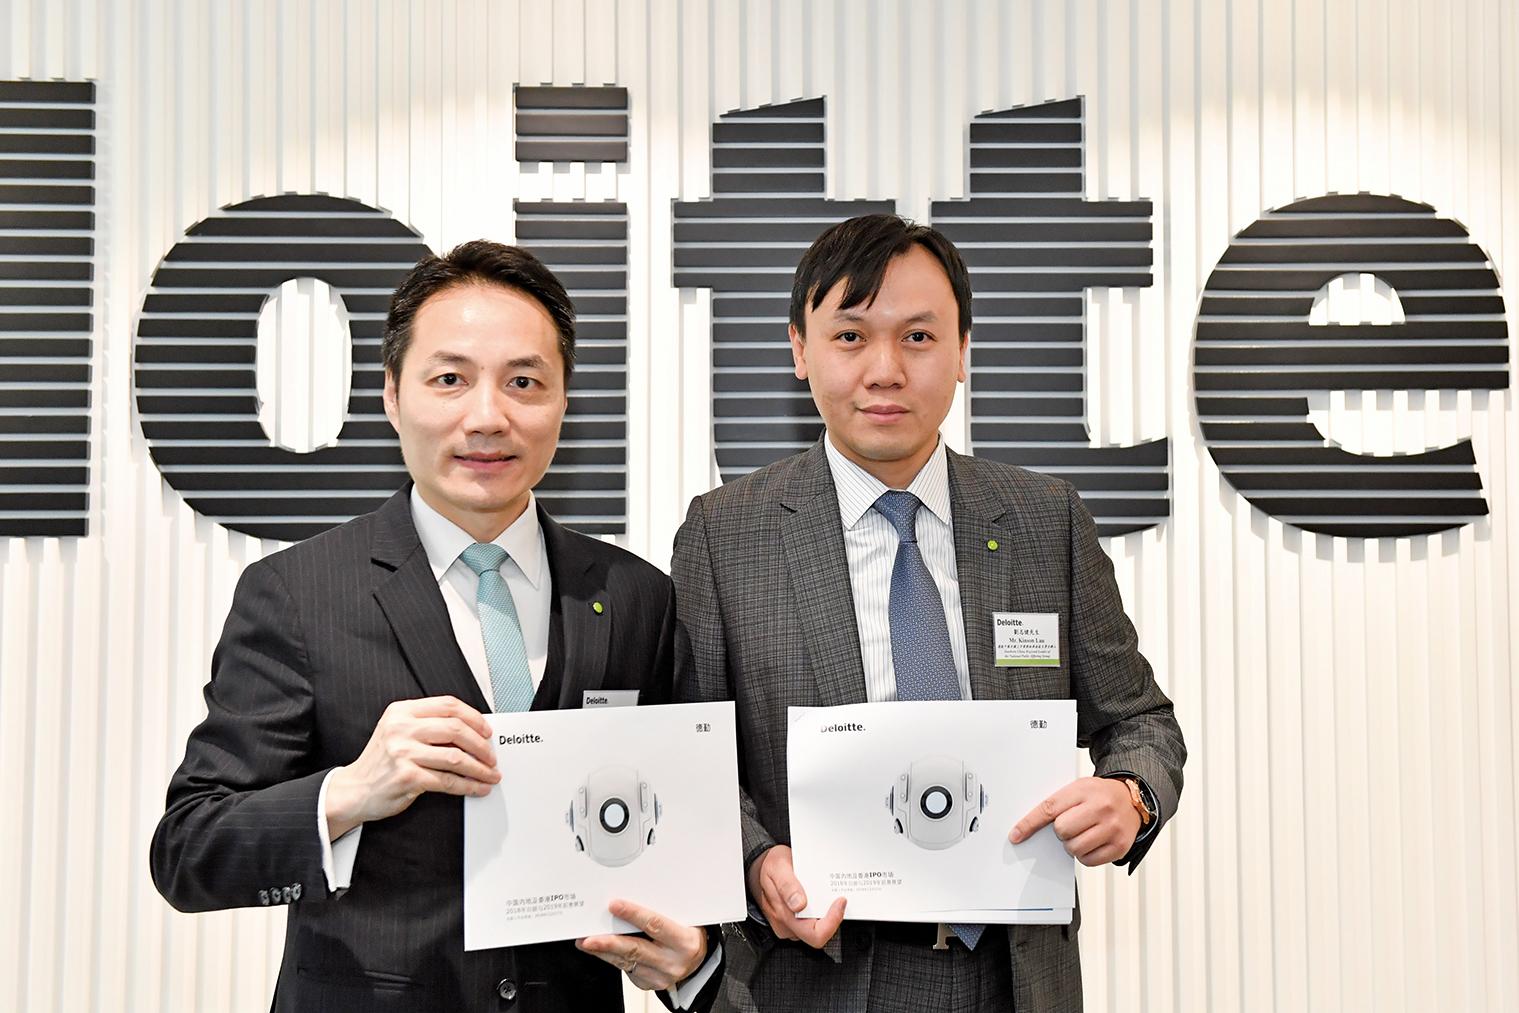 德勤中國全國上市業務組聯席主管合夥人歐振興(左)稱,香港明年最多將有約200隻新股上市,集資約1800億至2300億元,但未必能再衛冕全球首位。(郭威利/大紀元)